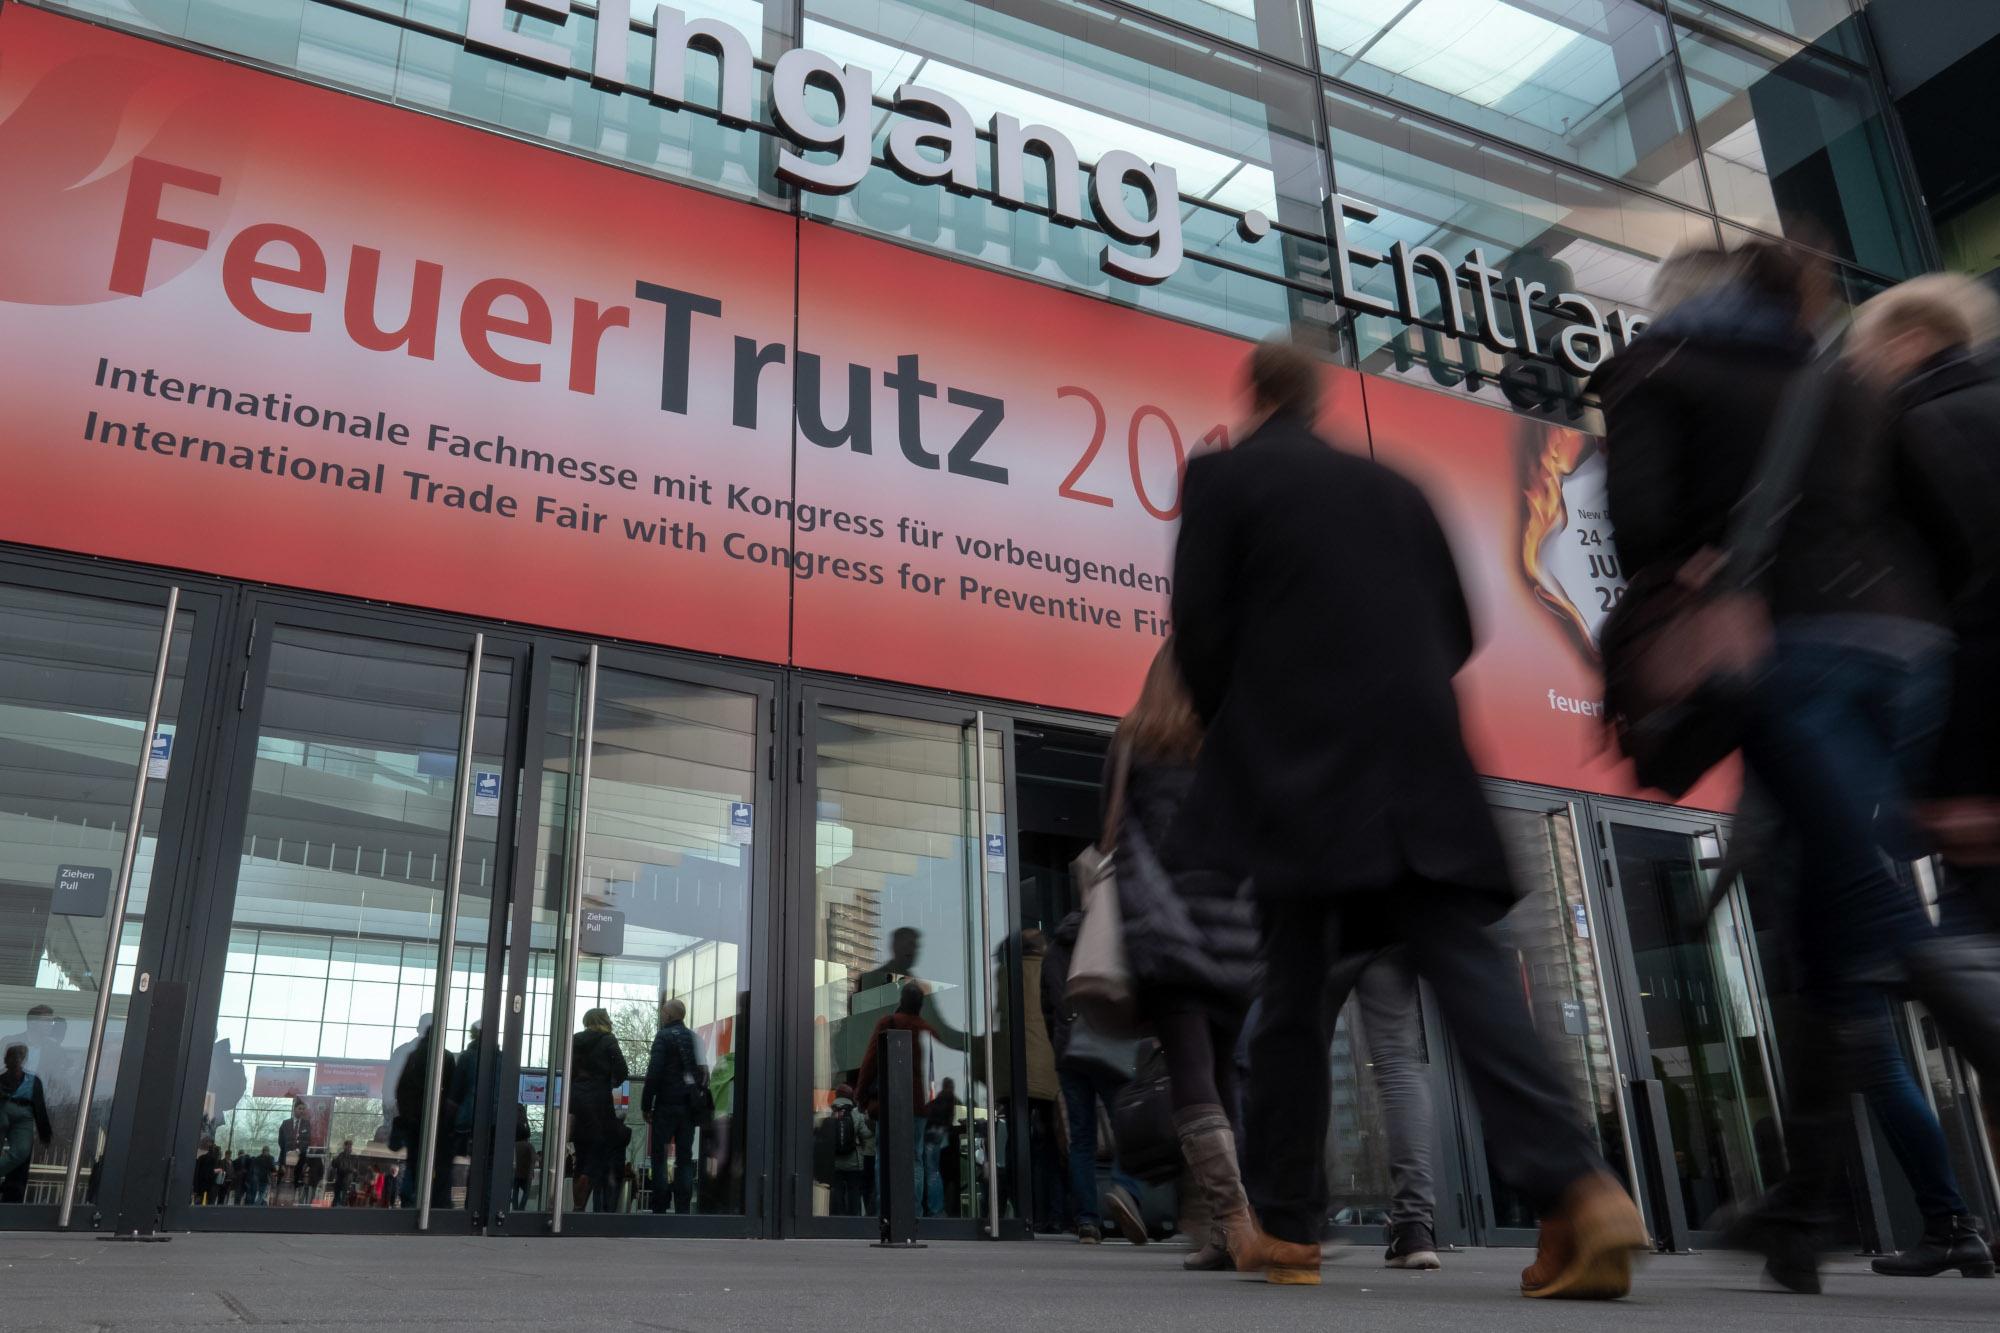 Eingang zur FeuerTrutz (Foto: NuernbergMesse/Thomas Geiger)